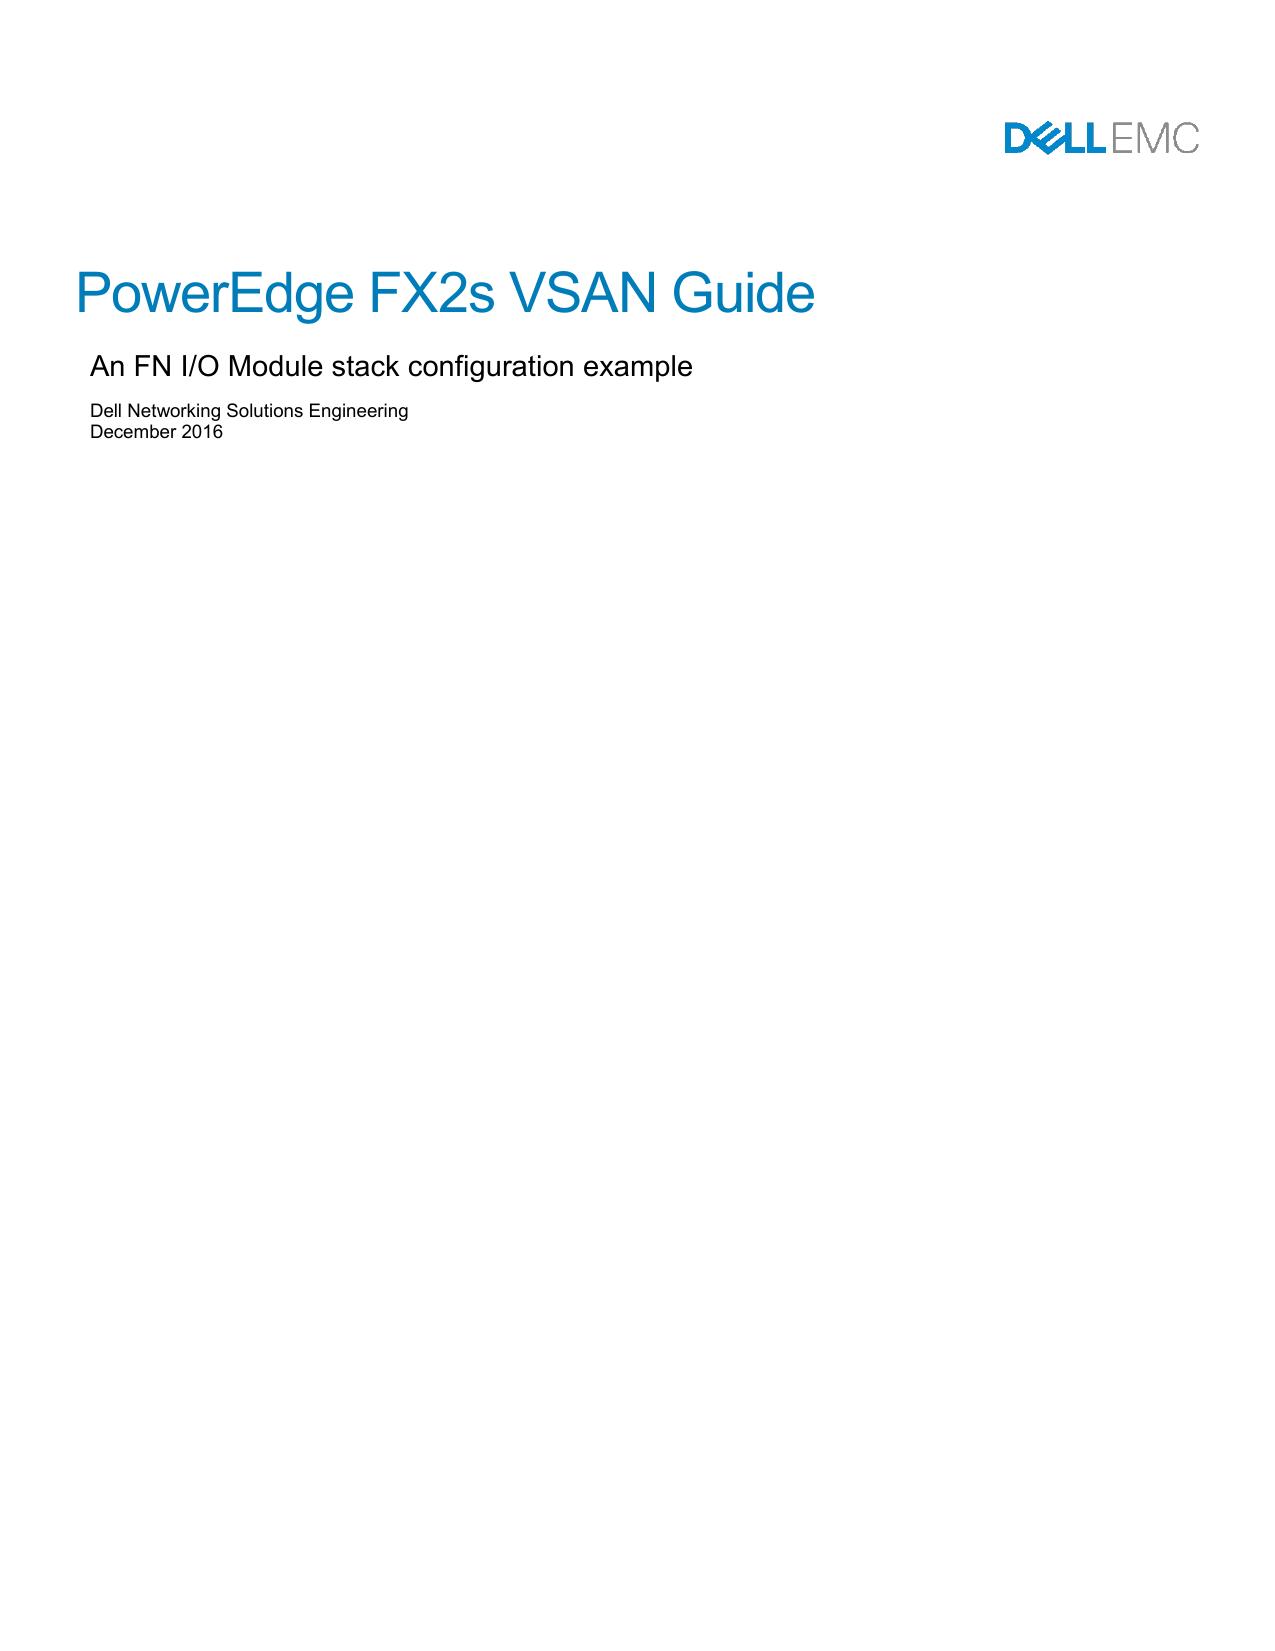 PowerEdge FX2s VSAN Guide | manualzz com